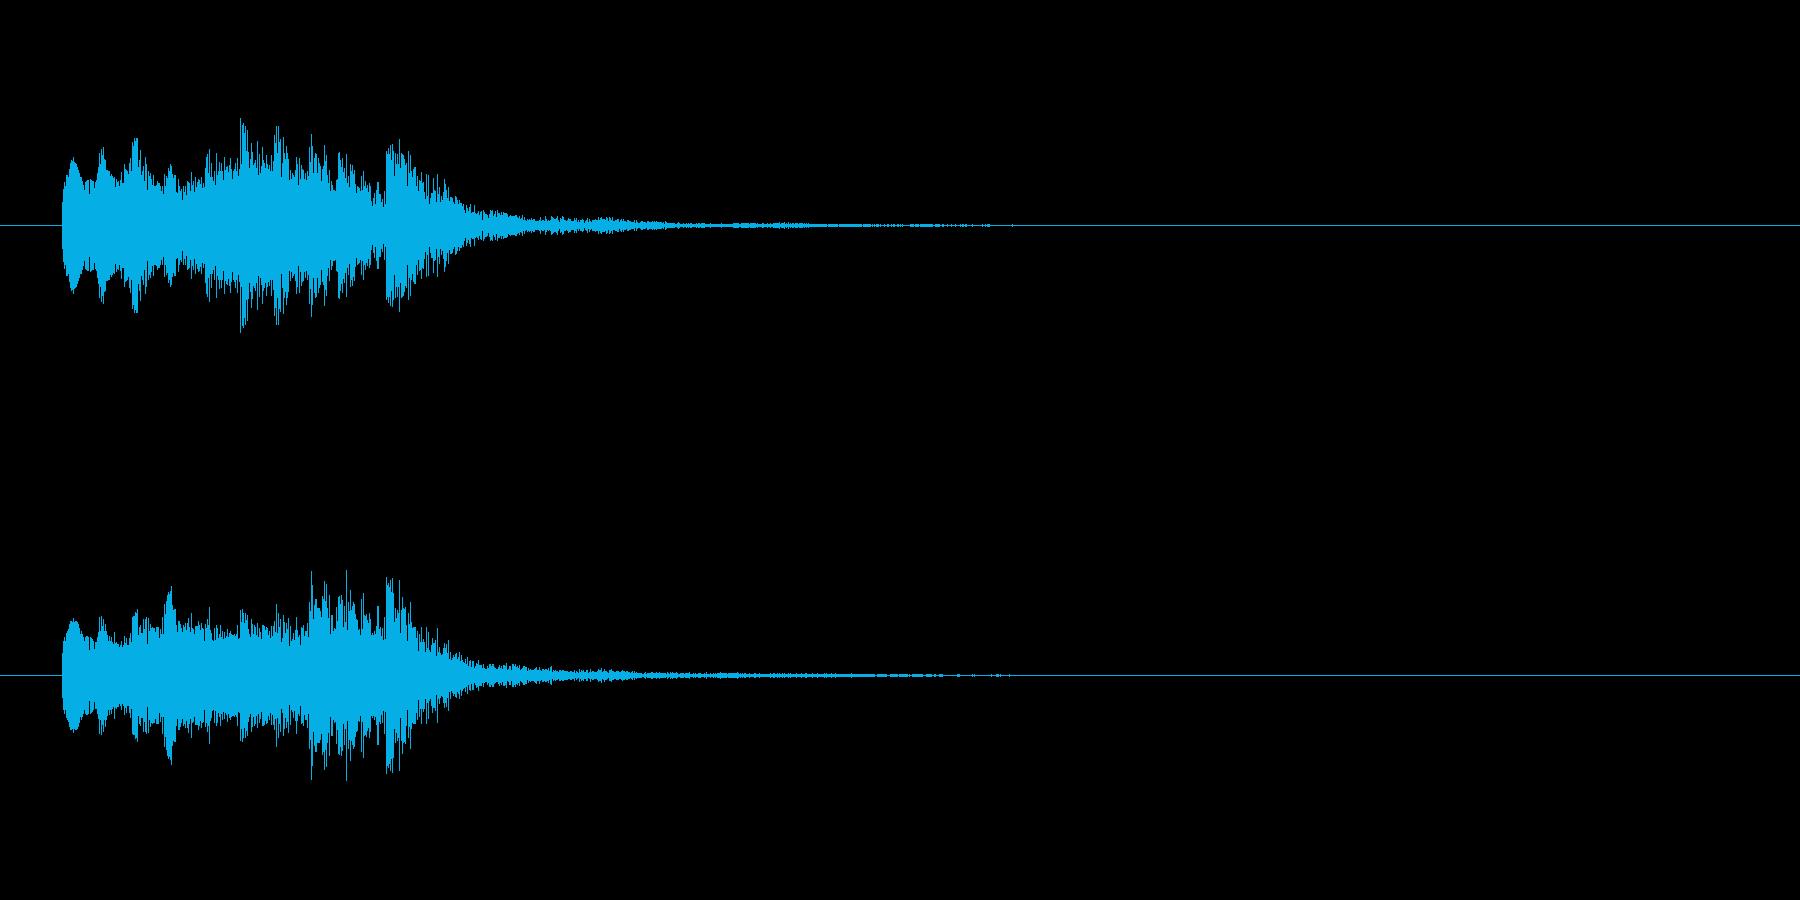 【ショートブリッジ10-2】の再生済みの波形